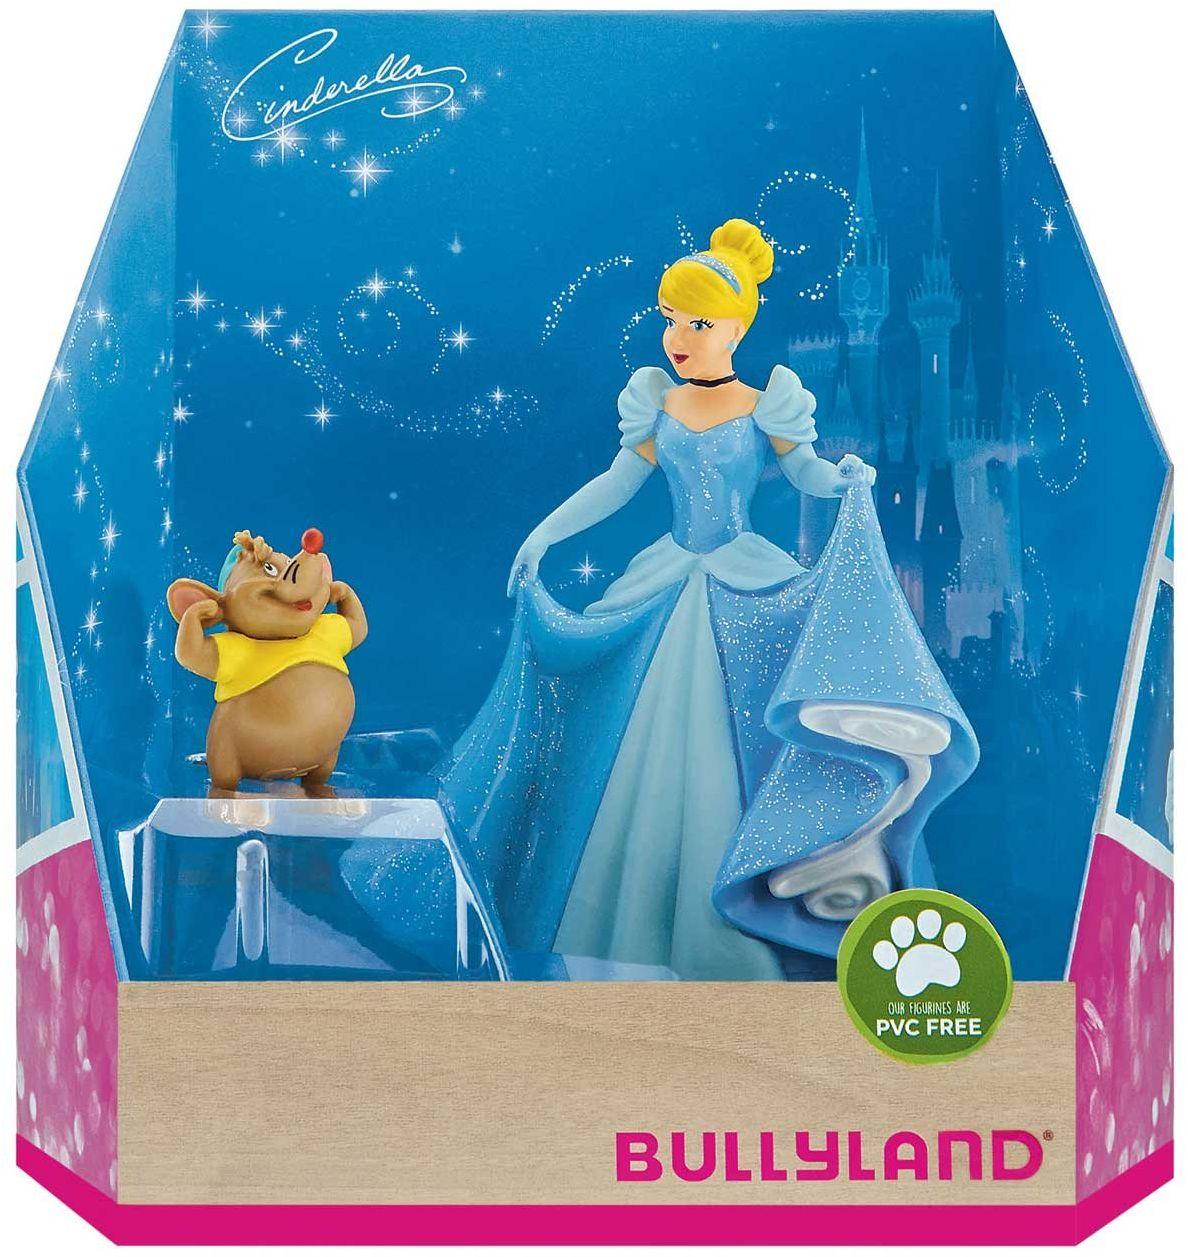 Bullyland 13438  zestaw figurek do zabawy, Walt Disney Cinderella  Cinderella i Karli, starannie ręcznie malowane figurki, bez PCW, wspaniały prezent dla chłopców i dziewczynek do zabawy